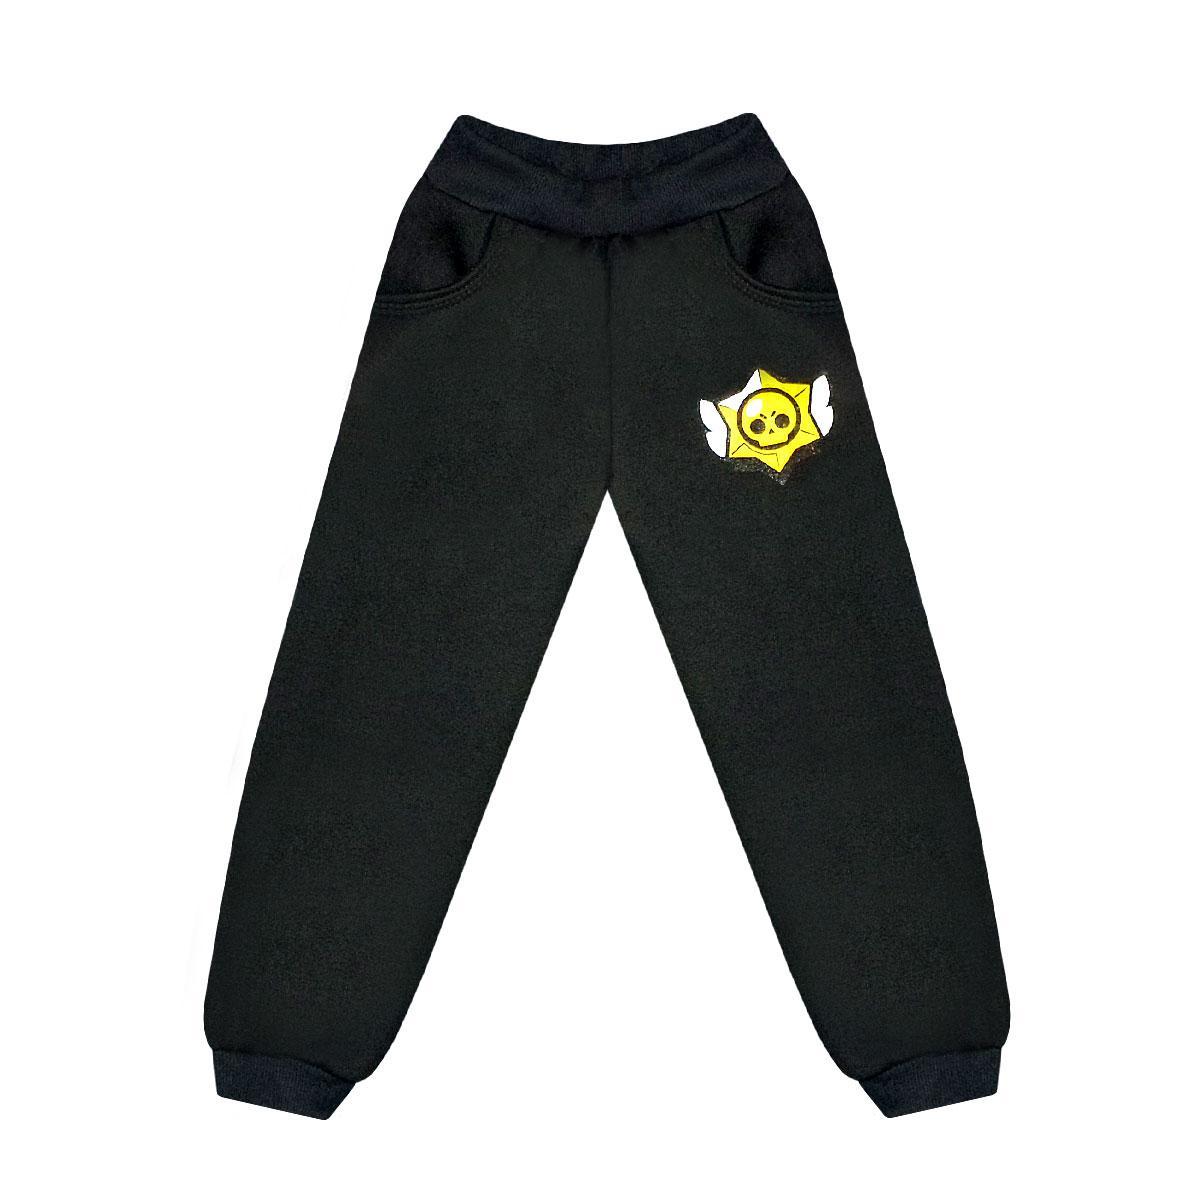 Детские штаны для мальчика трехнитка-начес